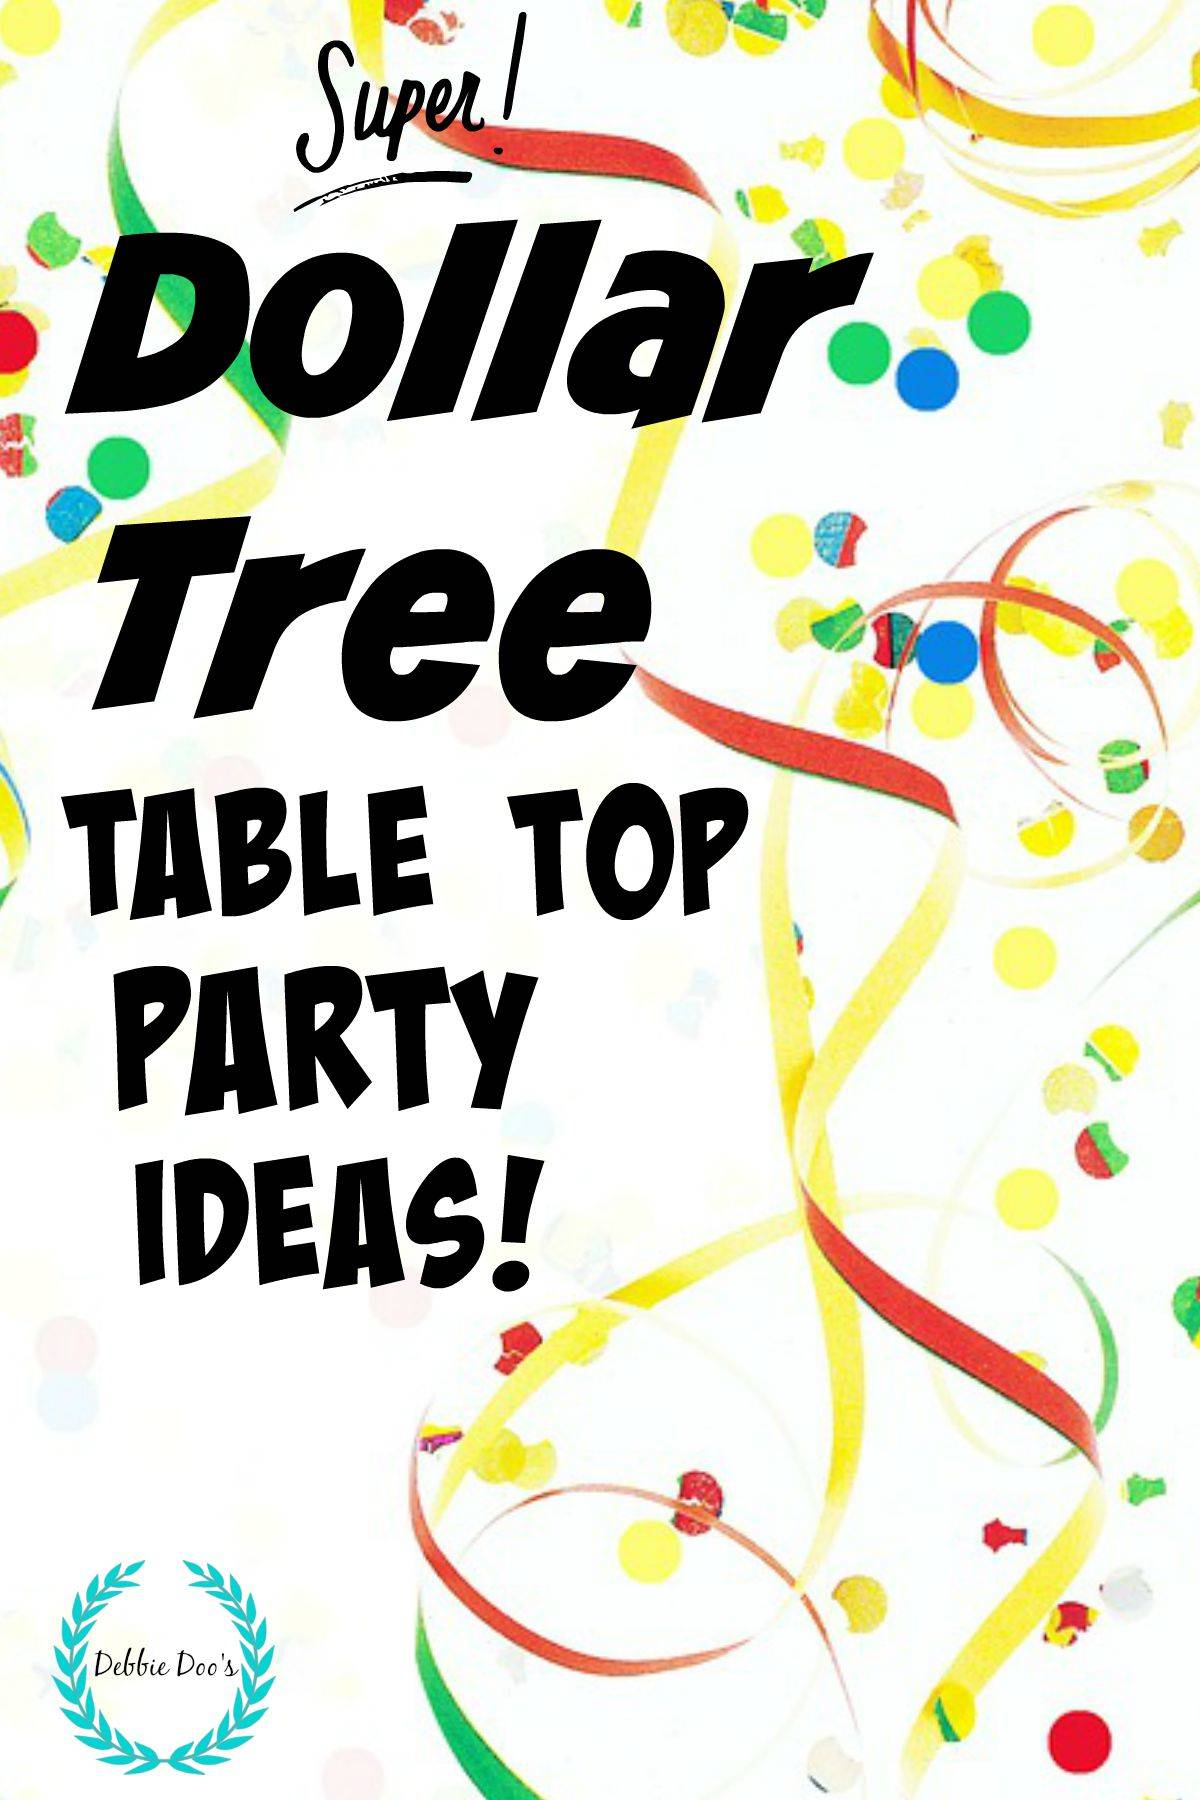 Dollar tree table top party ideas - Debbiedoos